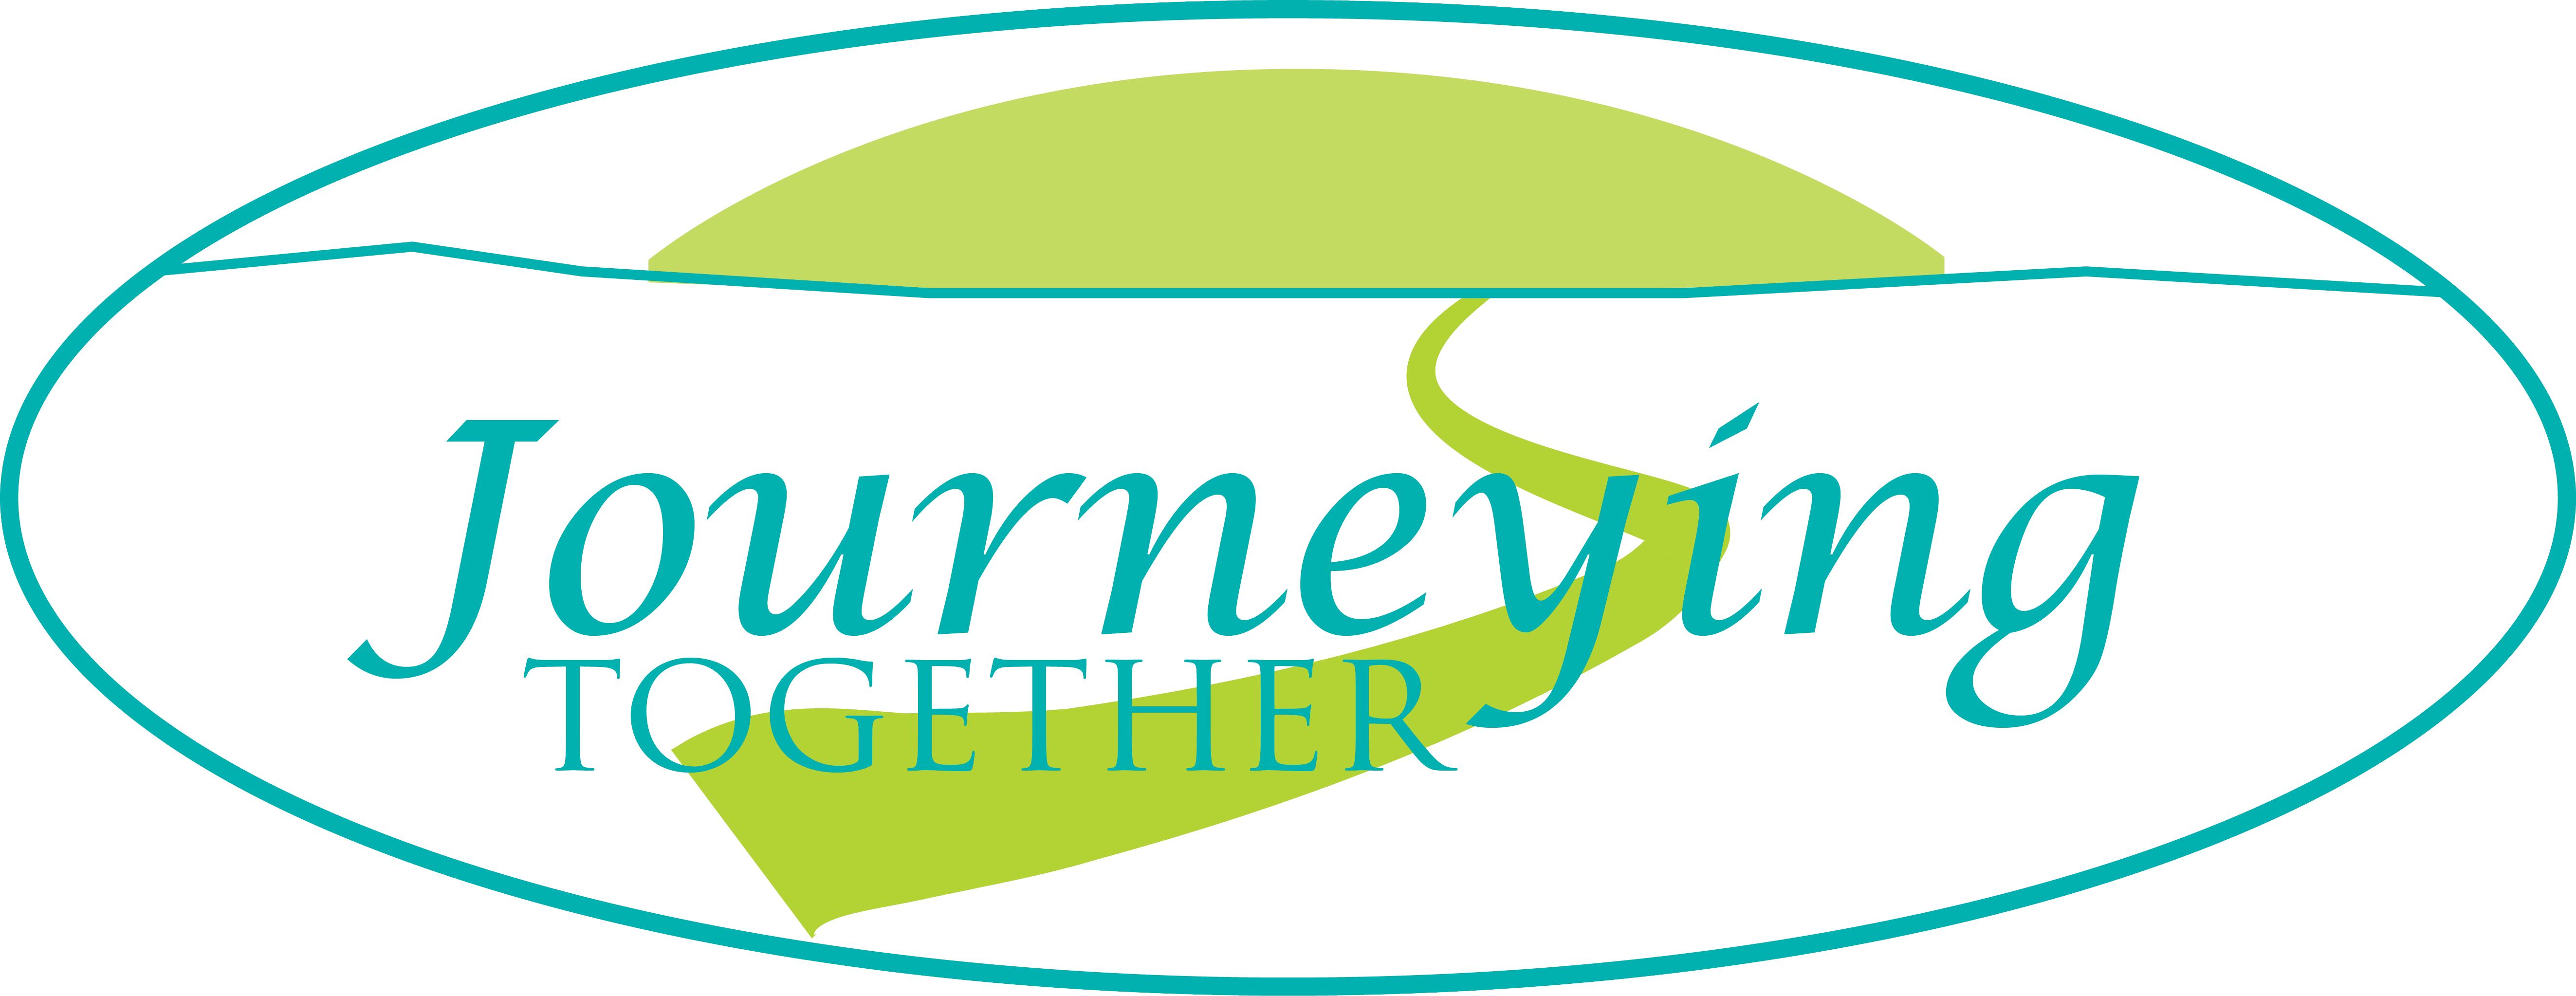 journeying together logo